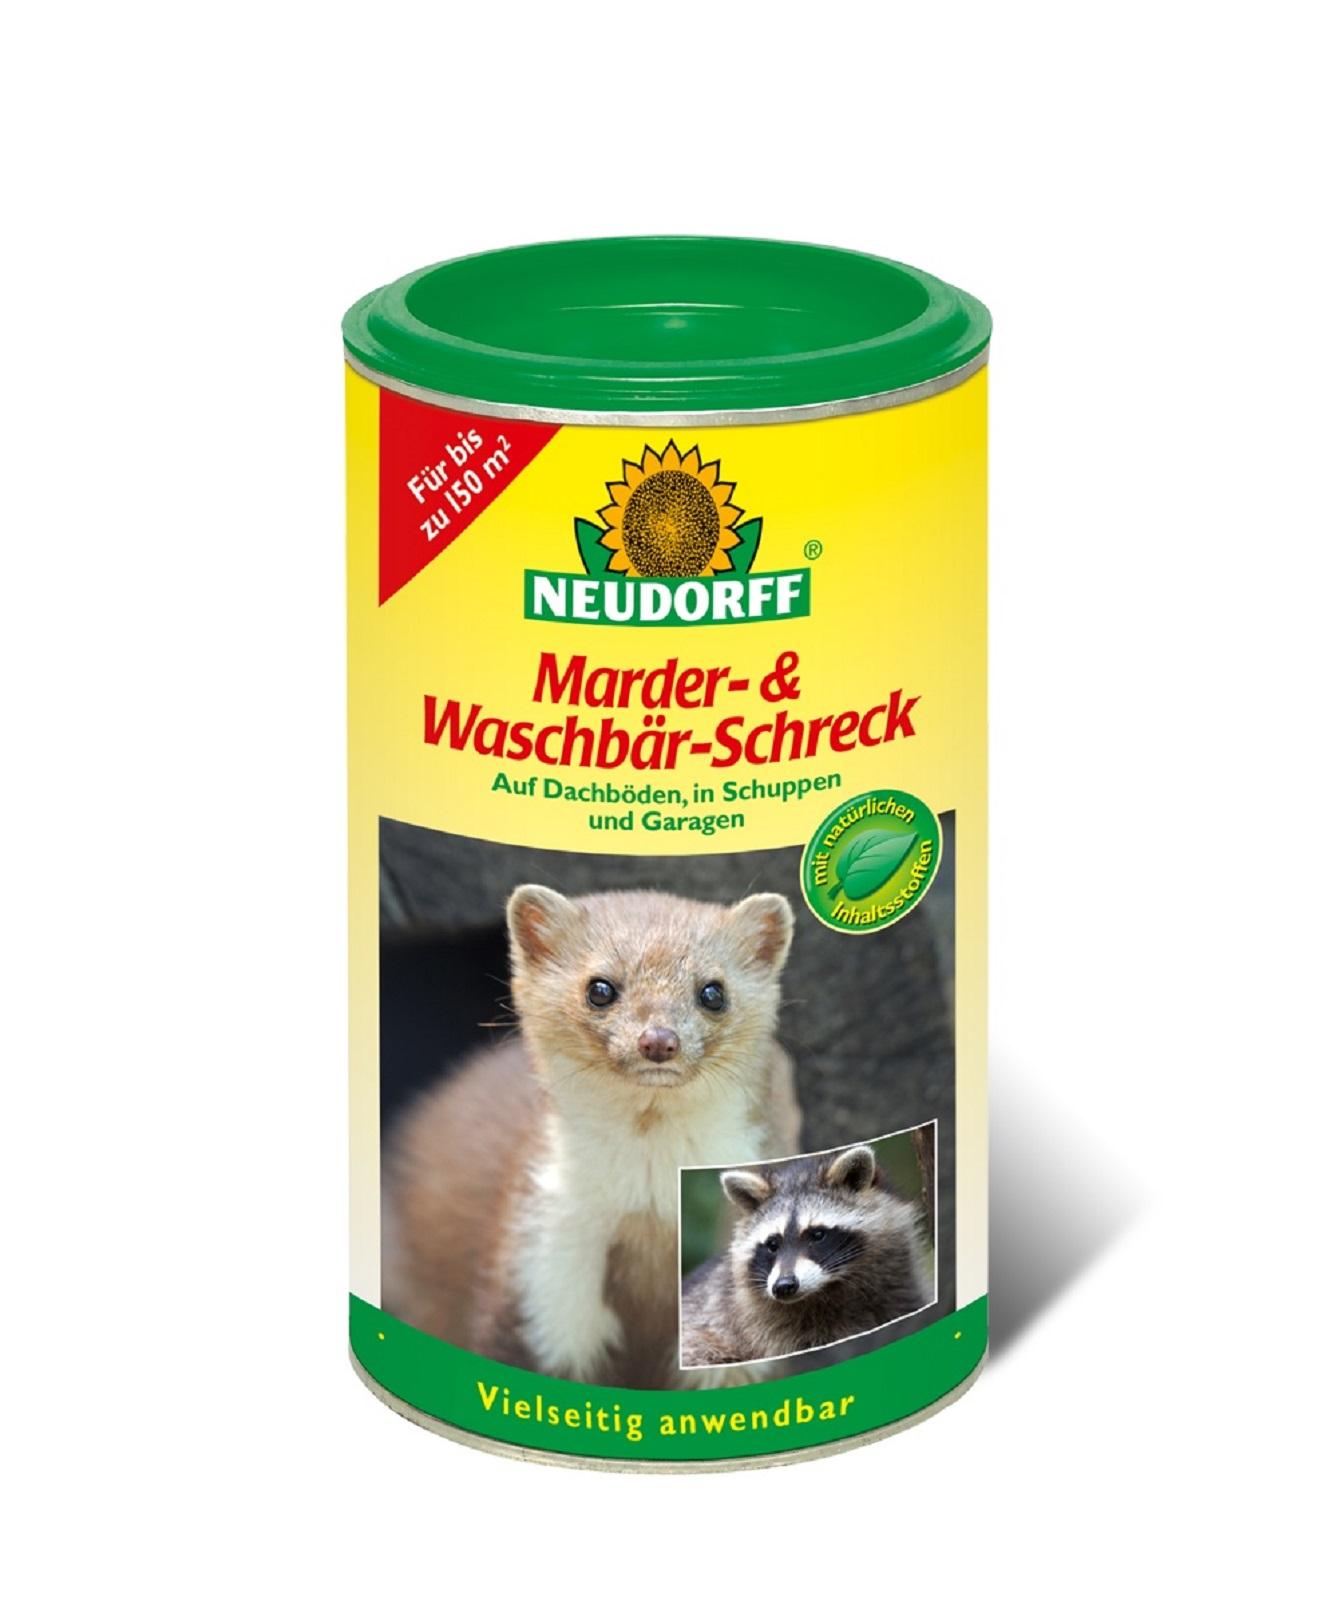 Neudorff Marder und Waschbär Schreck 300 g